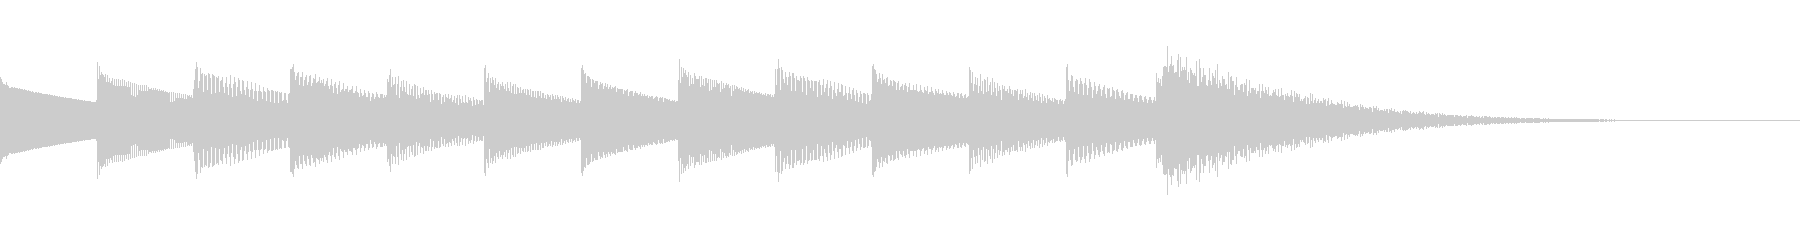 ベルの音を使ったシンプルなサウンドロゴの未再生の波形